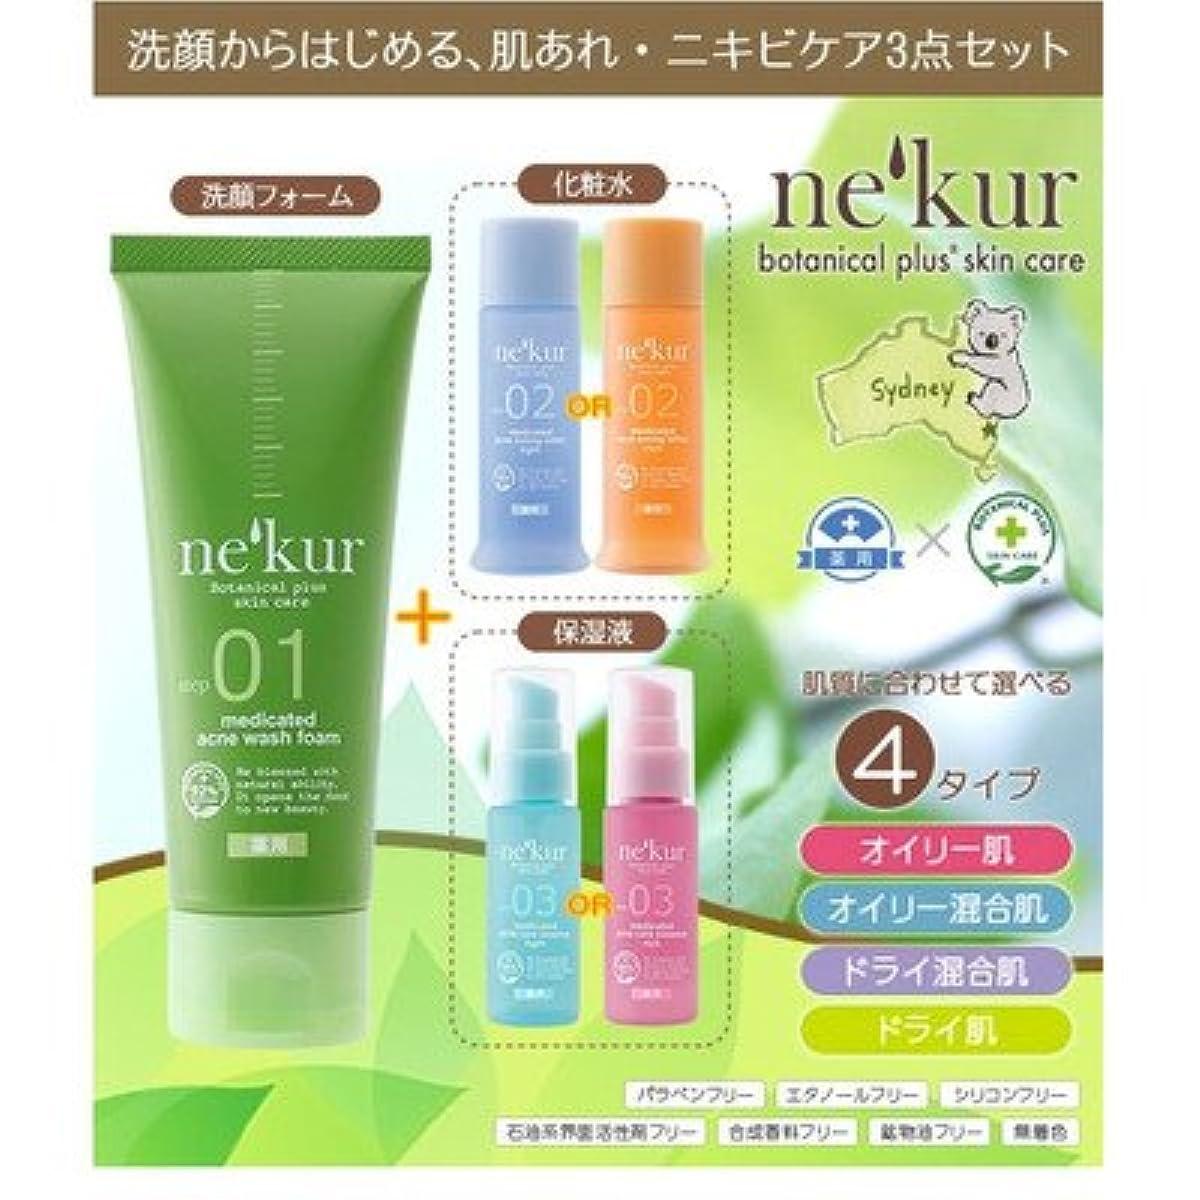 通訳罪悪感幻影ネクア(nekur) ボタニカルプラススキンケア 薬用アクネ洗顔3点セット オイリー混合肌セット( 画像はイメージ画像です お届けの商品はオイリー混合肌セットのみとなります)